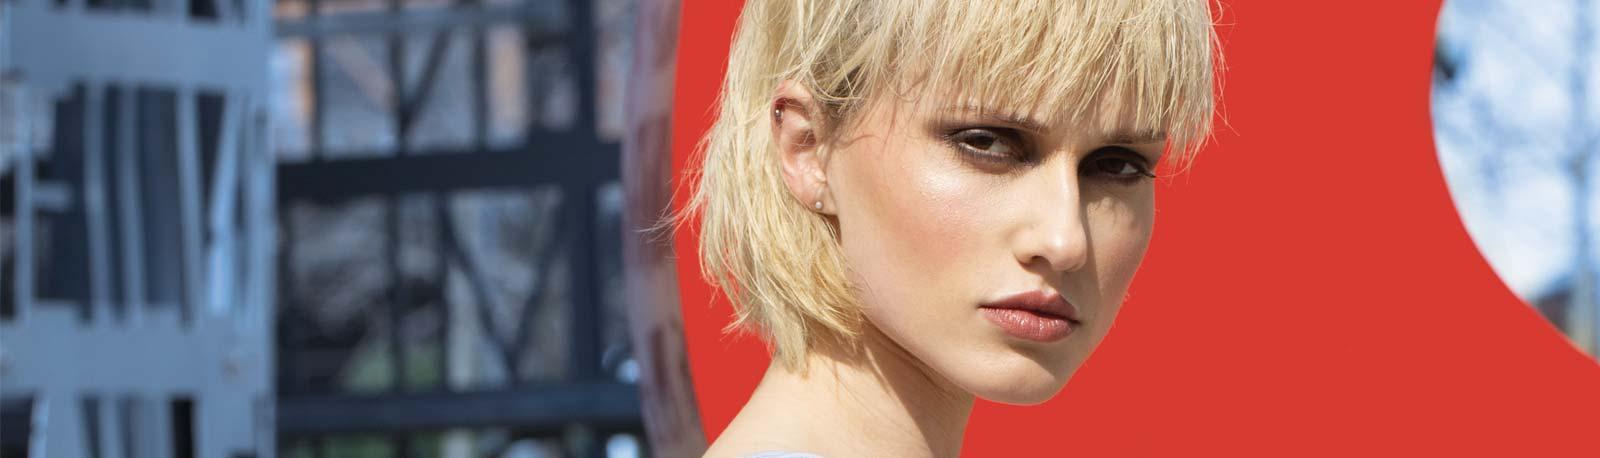 Collection coiffure printemps été 2021 Aprecial